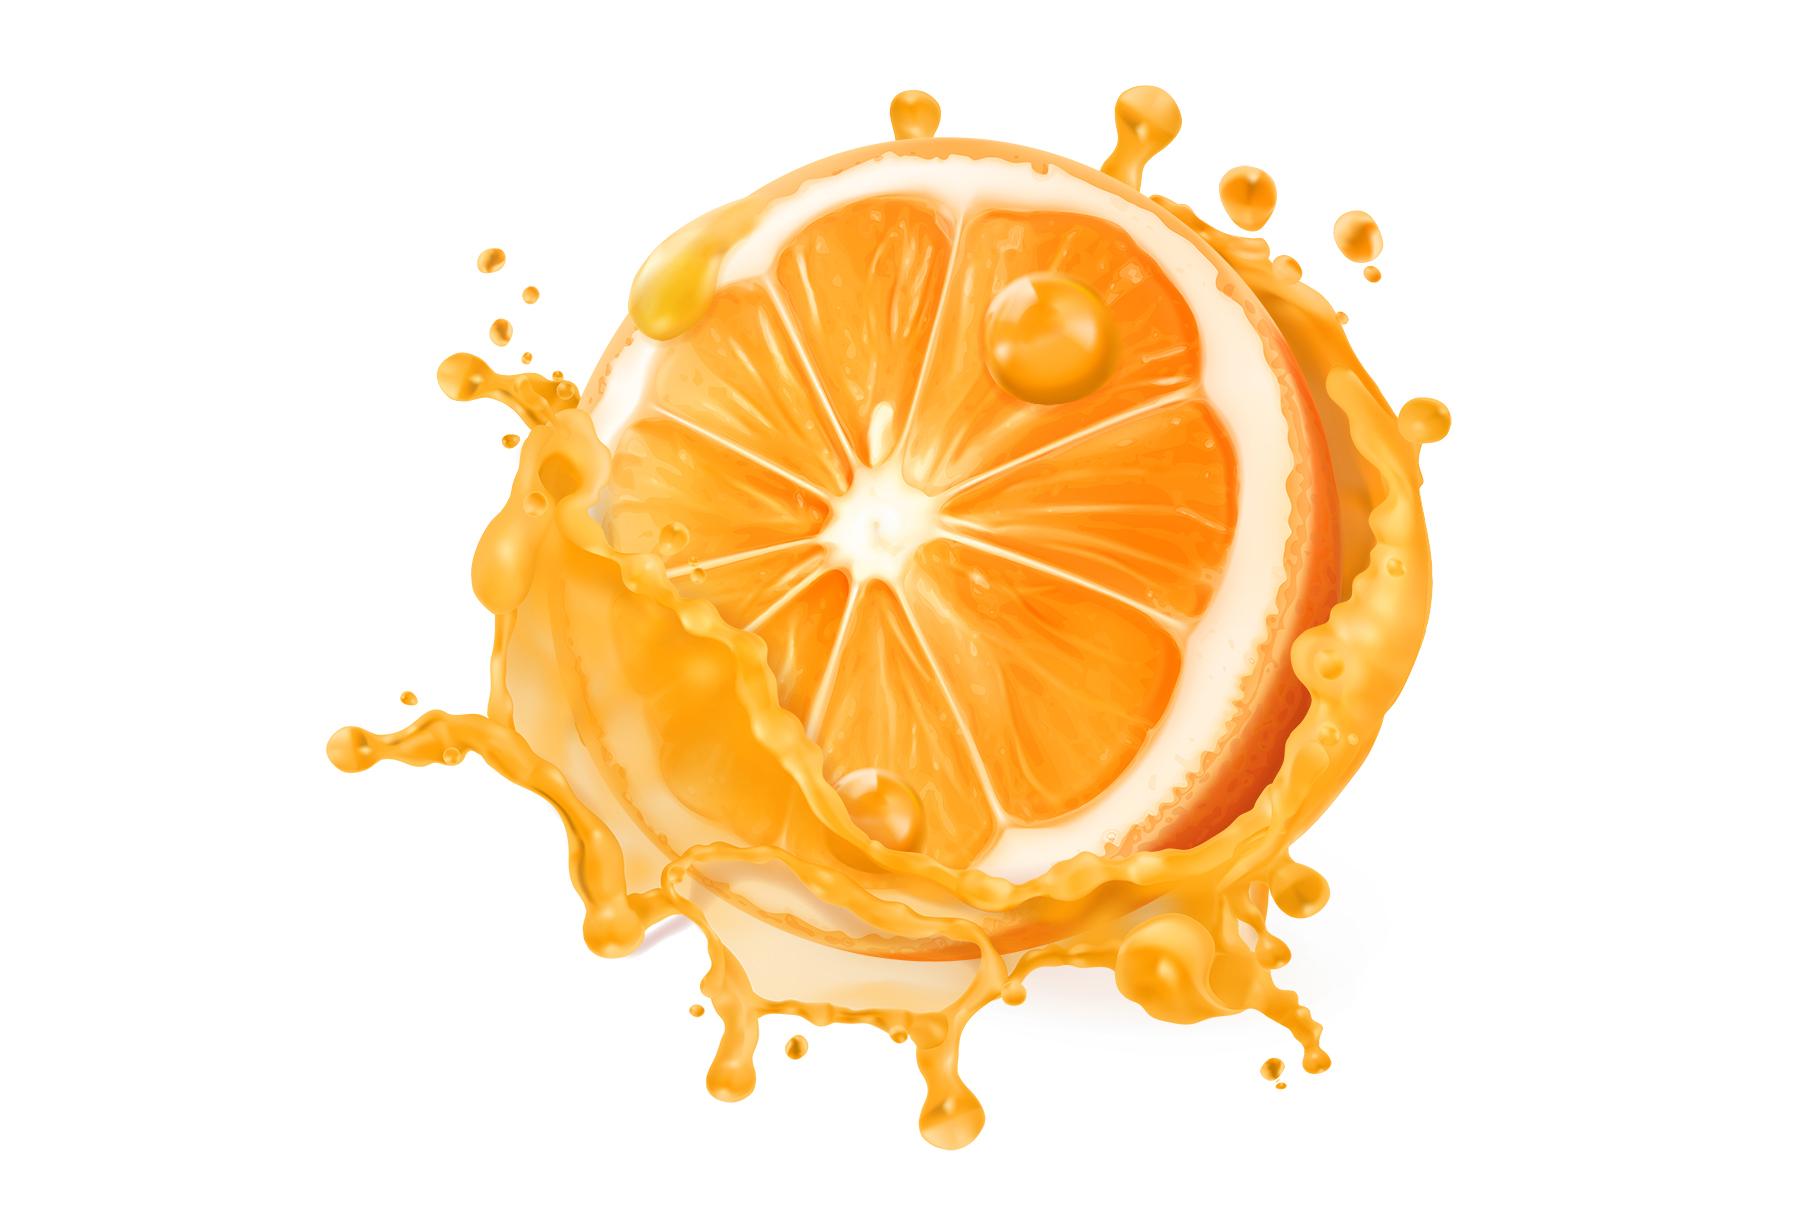 Orange juice, kiwi, banana, tomato juice, watermelon, papaya example image 5